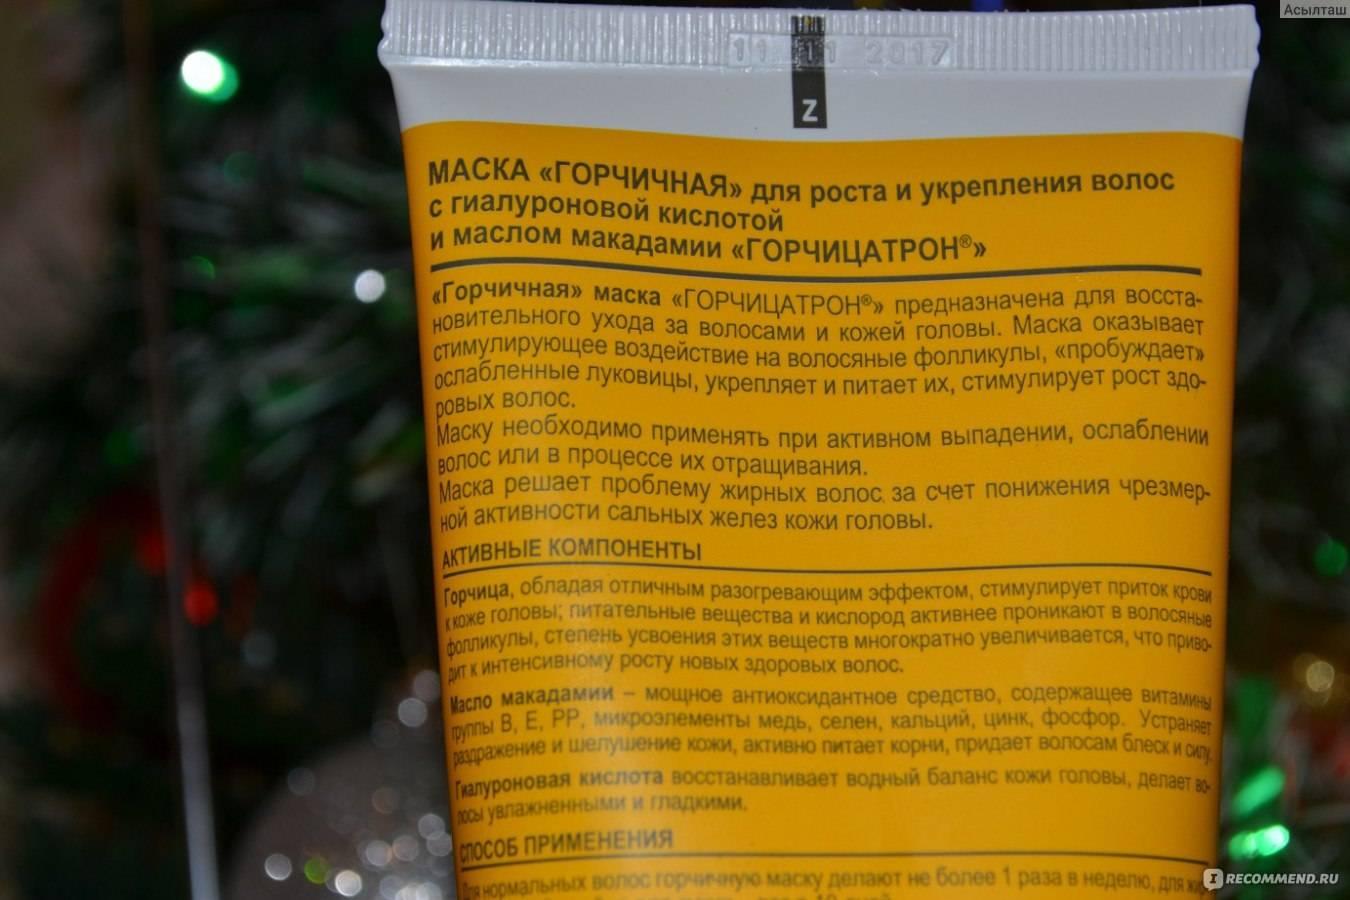 Как сделать маску для волос с горчицей: рецепты приготовления и правила применения